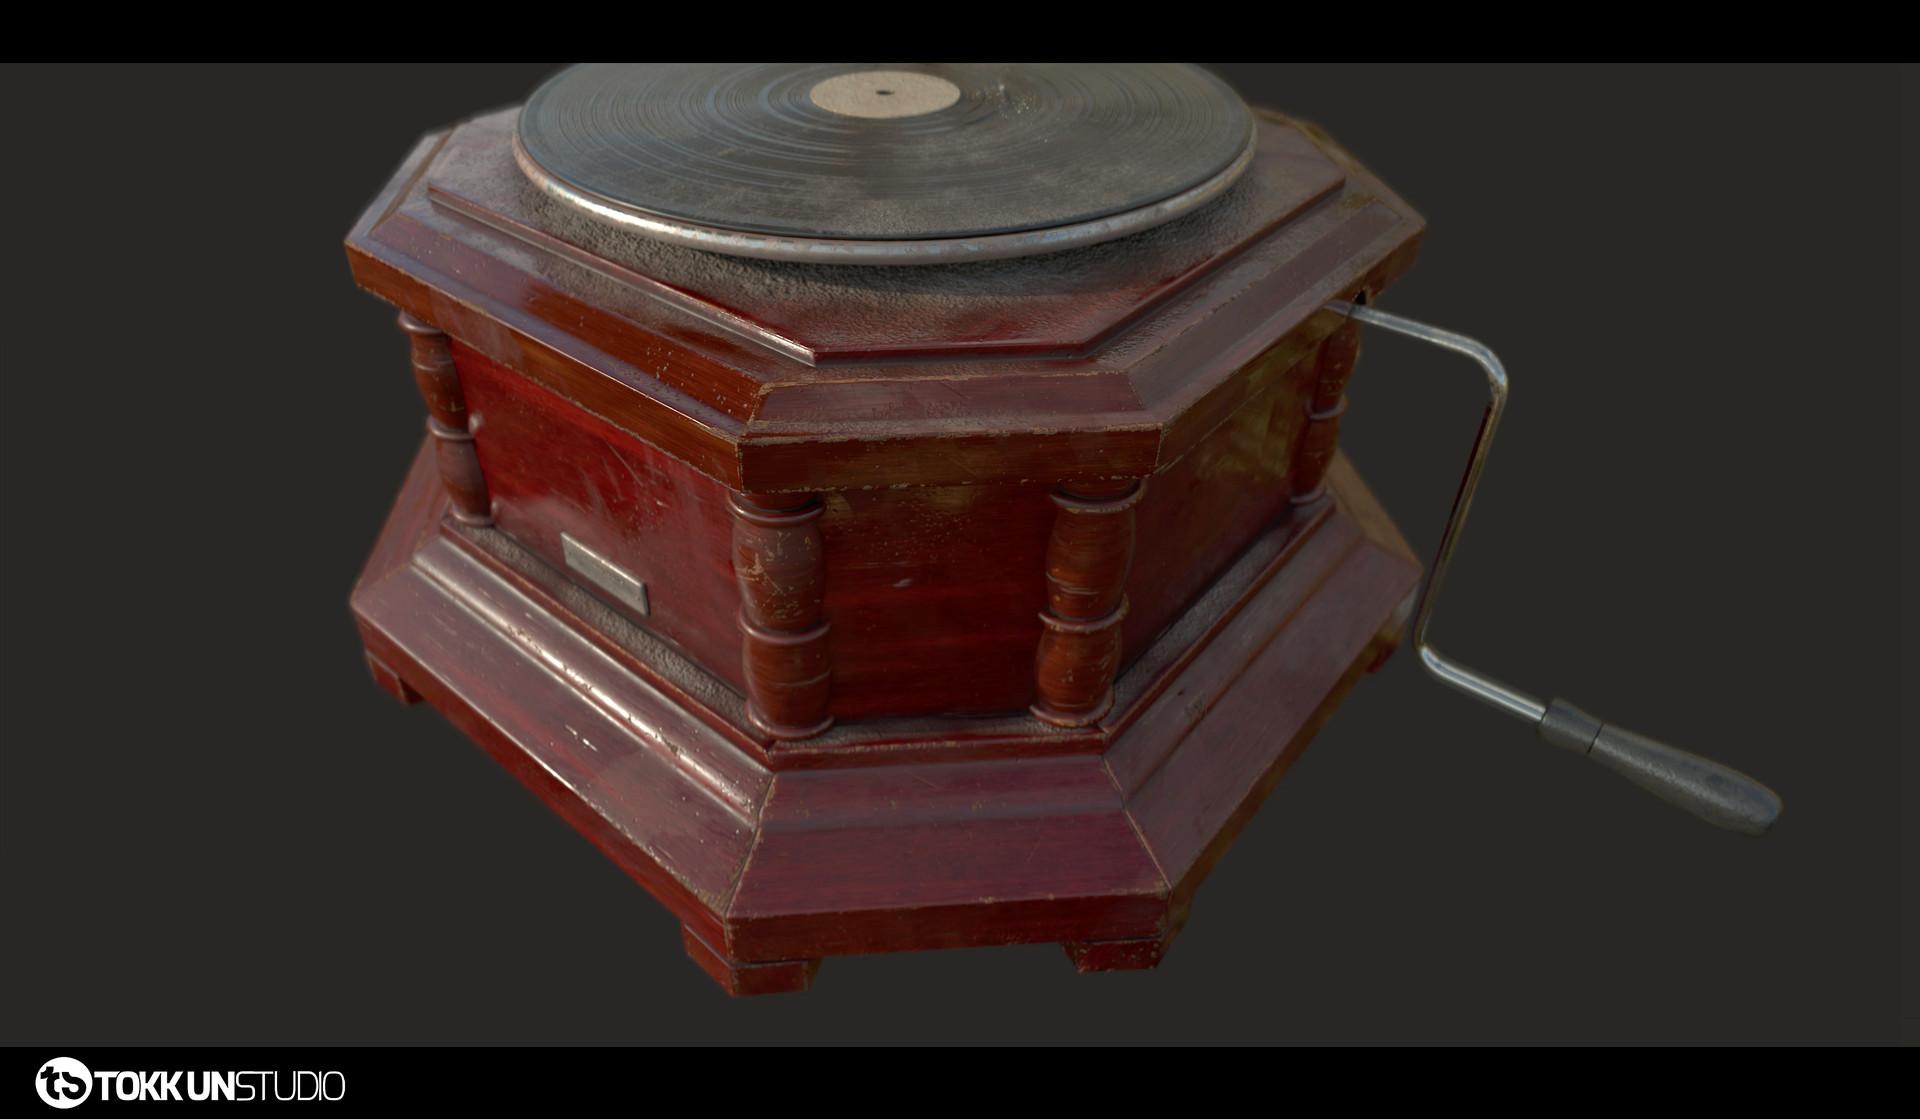 Tokkun studio tokkunstudio gramophone 01